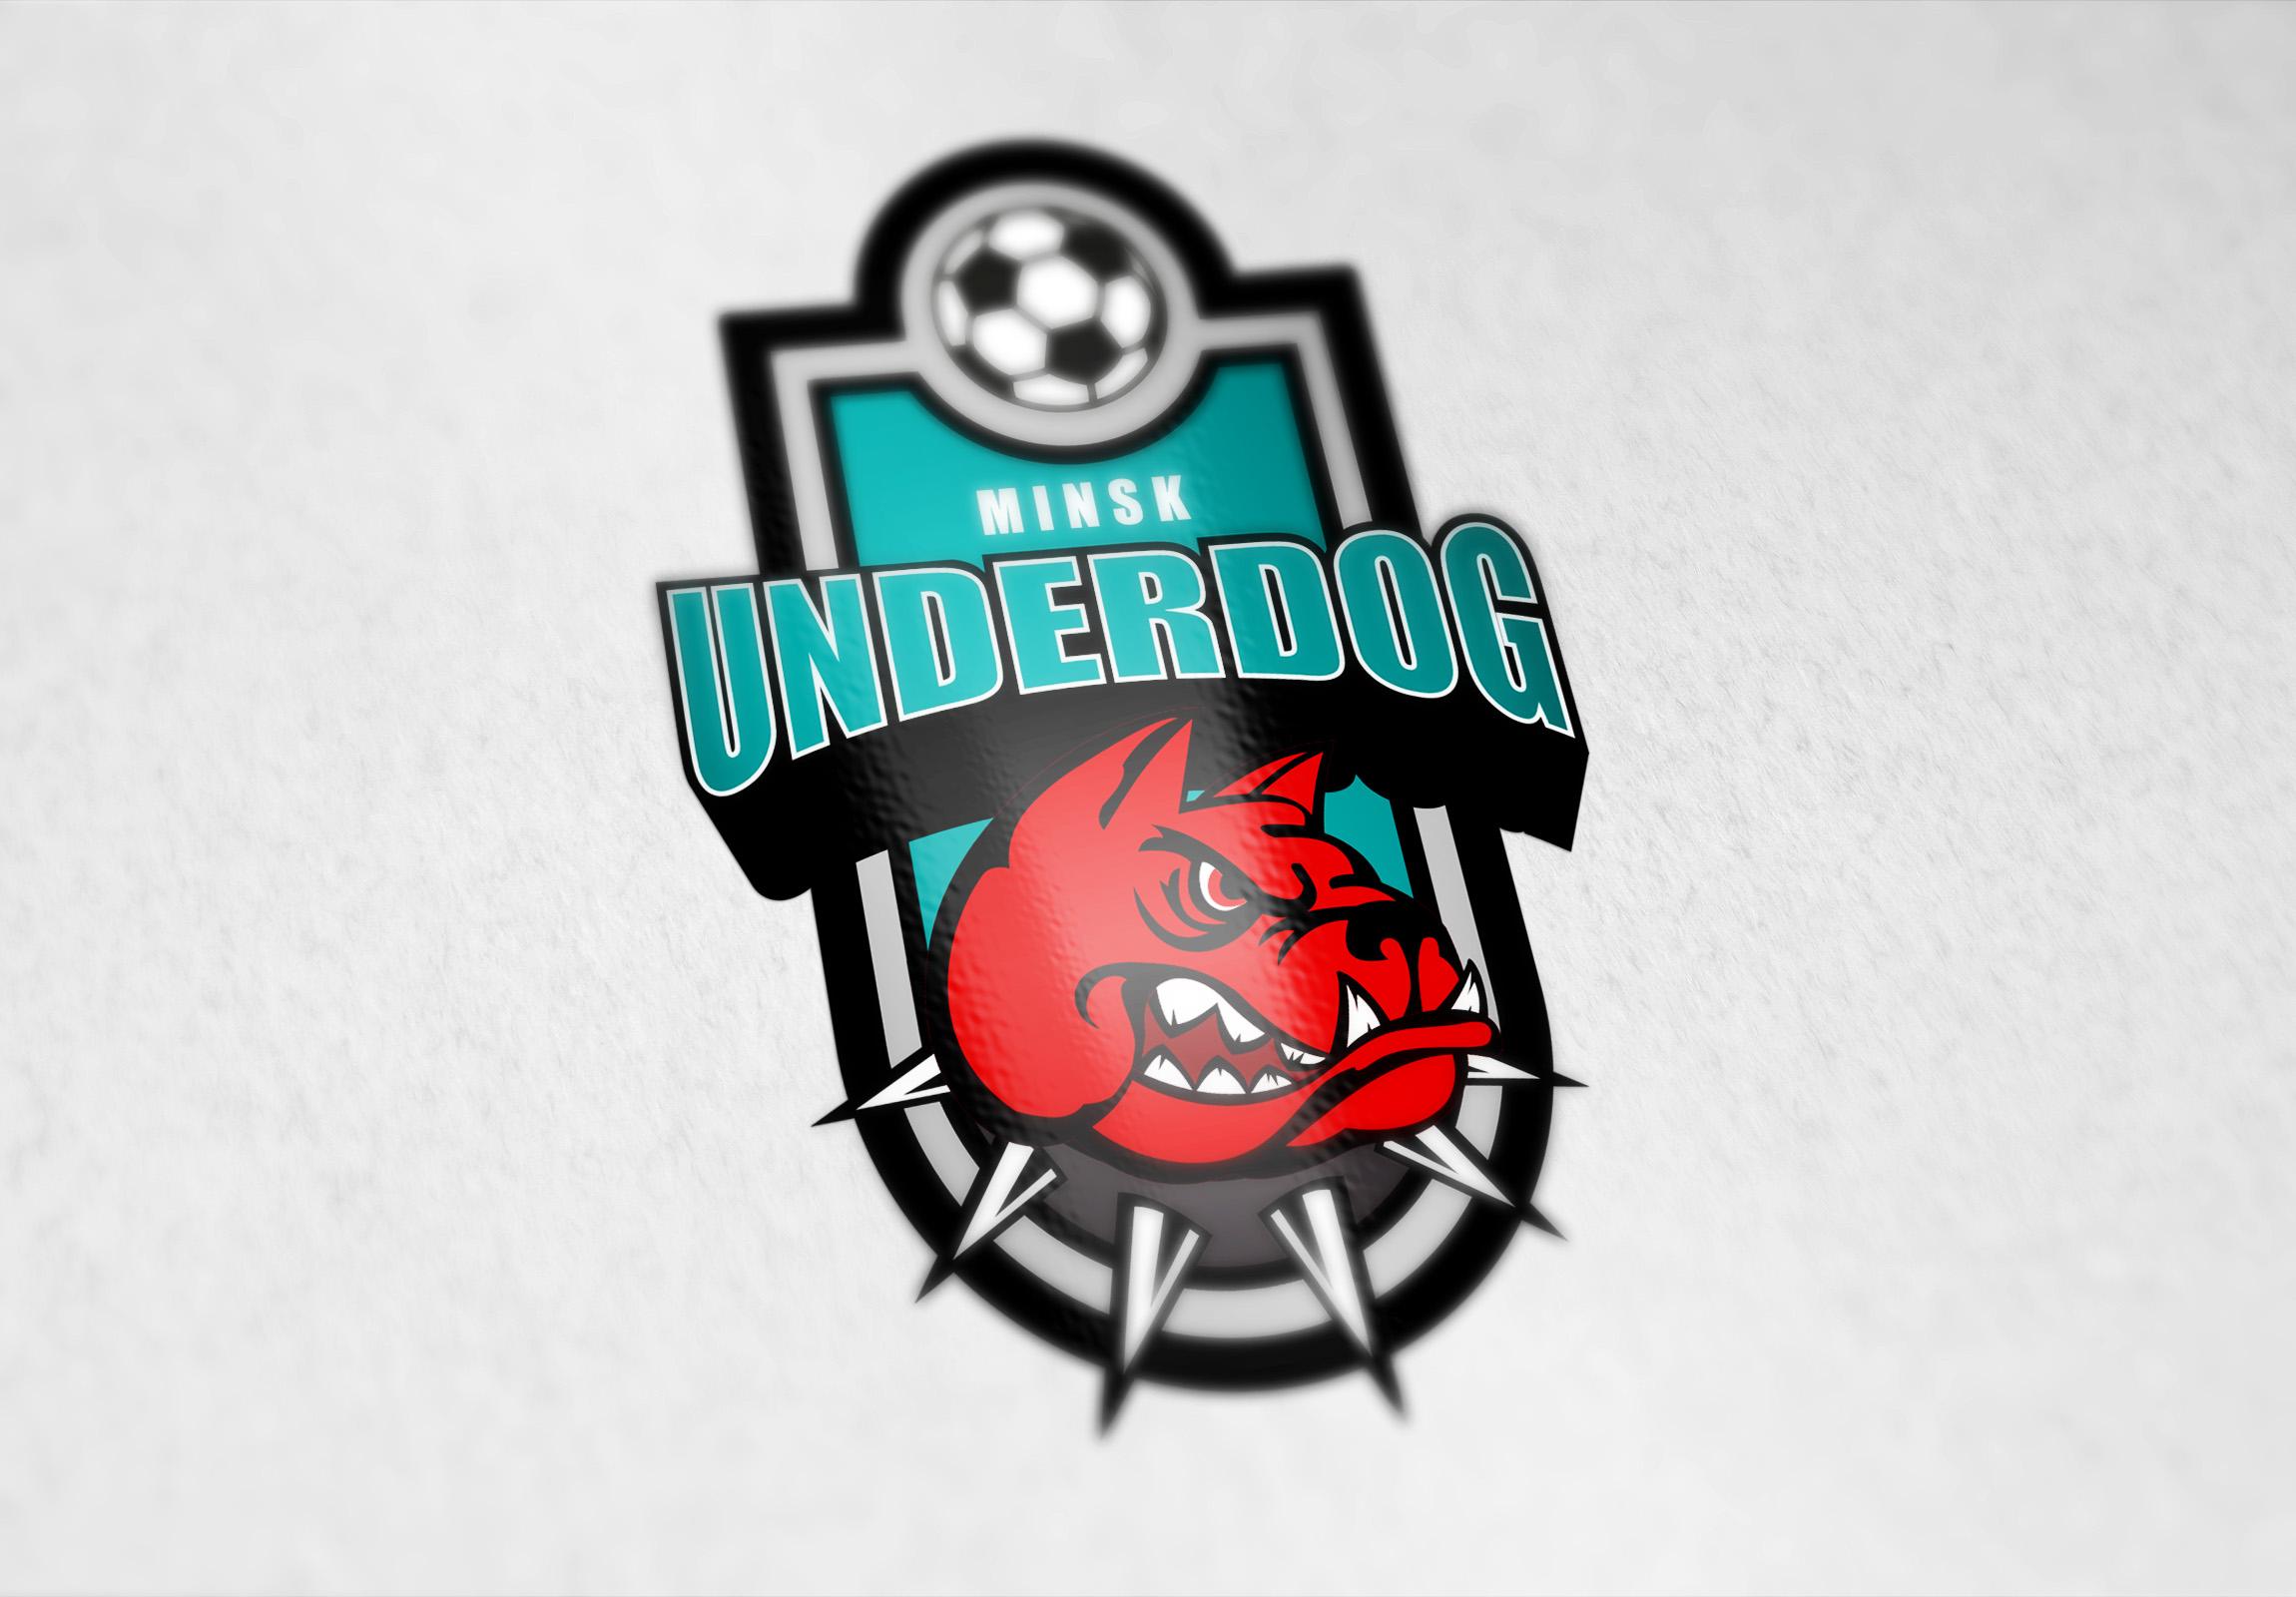 Футбольный клуб UNDERDOG - разработать фирстиль и бренд-бук фото f_6115cb0980aeb6f8.jpg